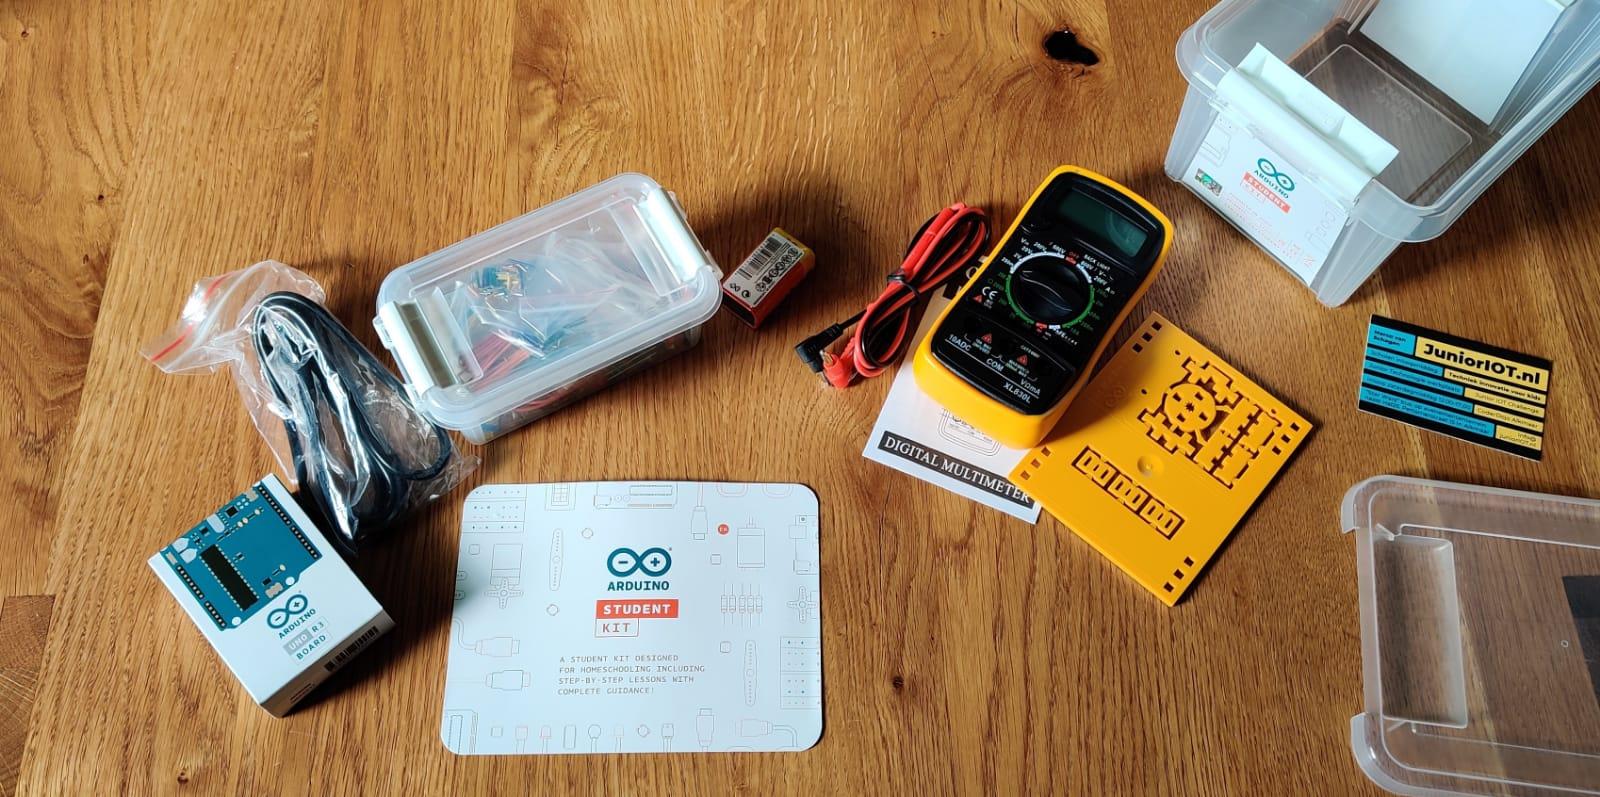 Lab – Aan de slag met de Arduino Student Kit en de online lessen van Arduino